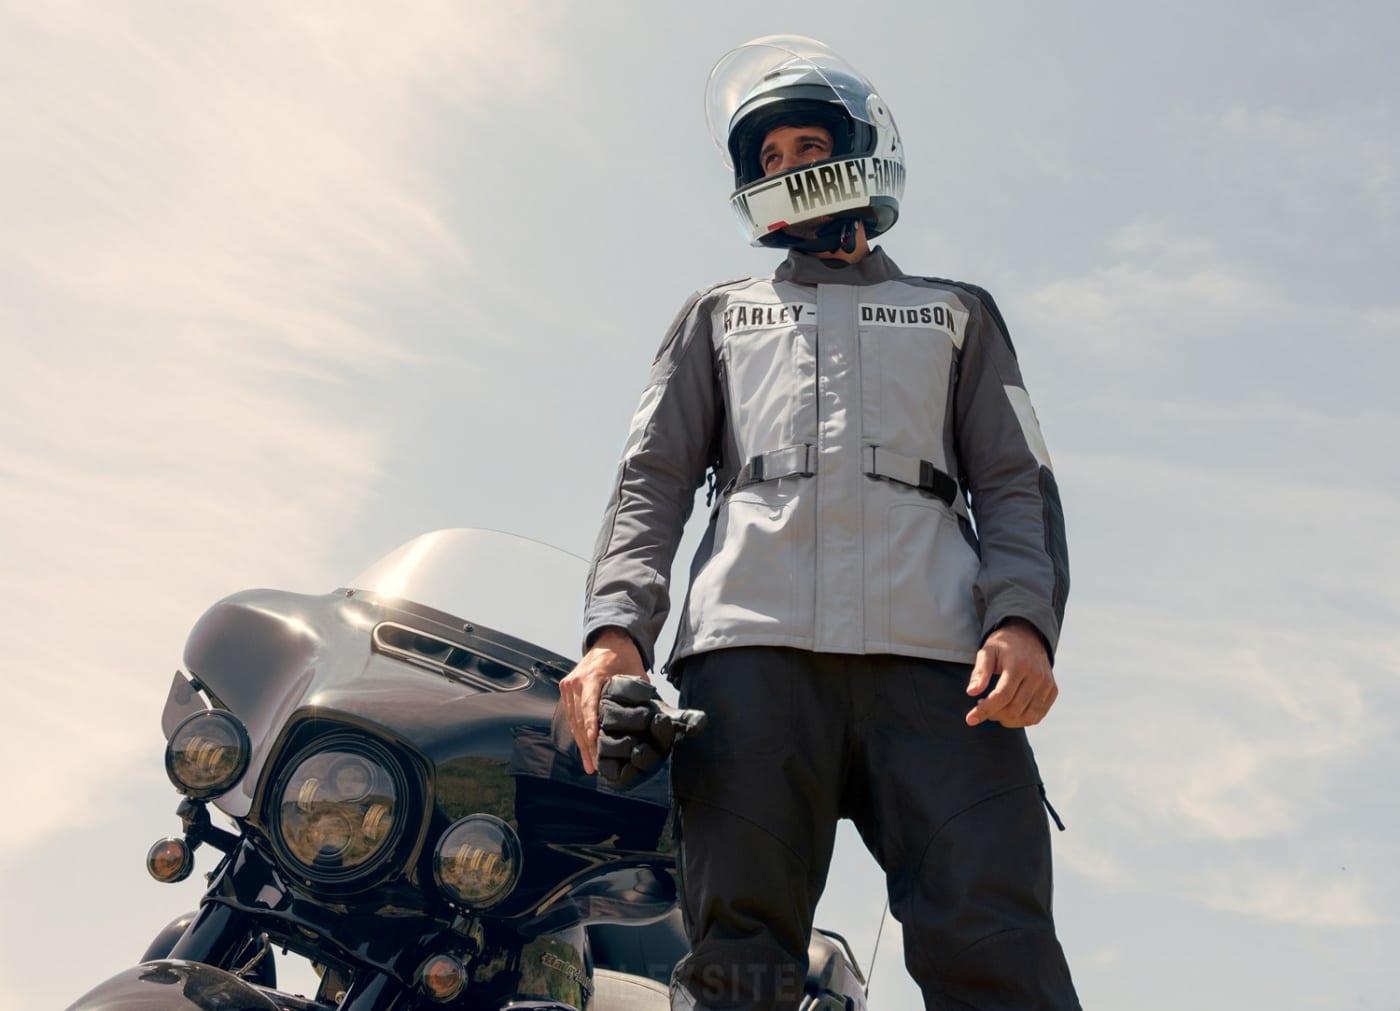 Harley-Davidson Vanocker Jacke und Helm